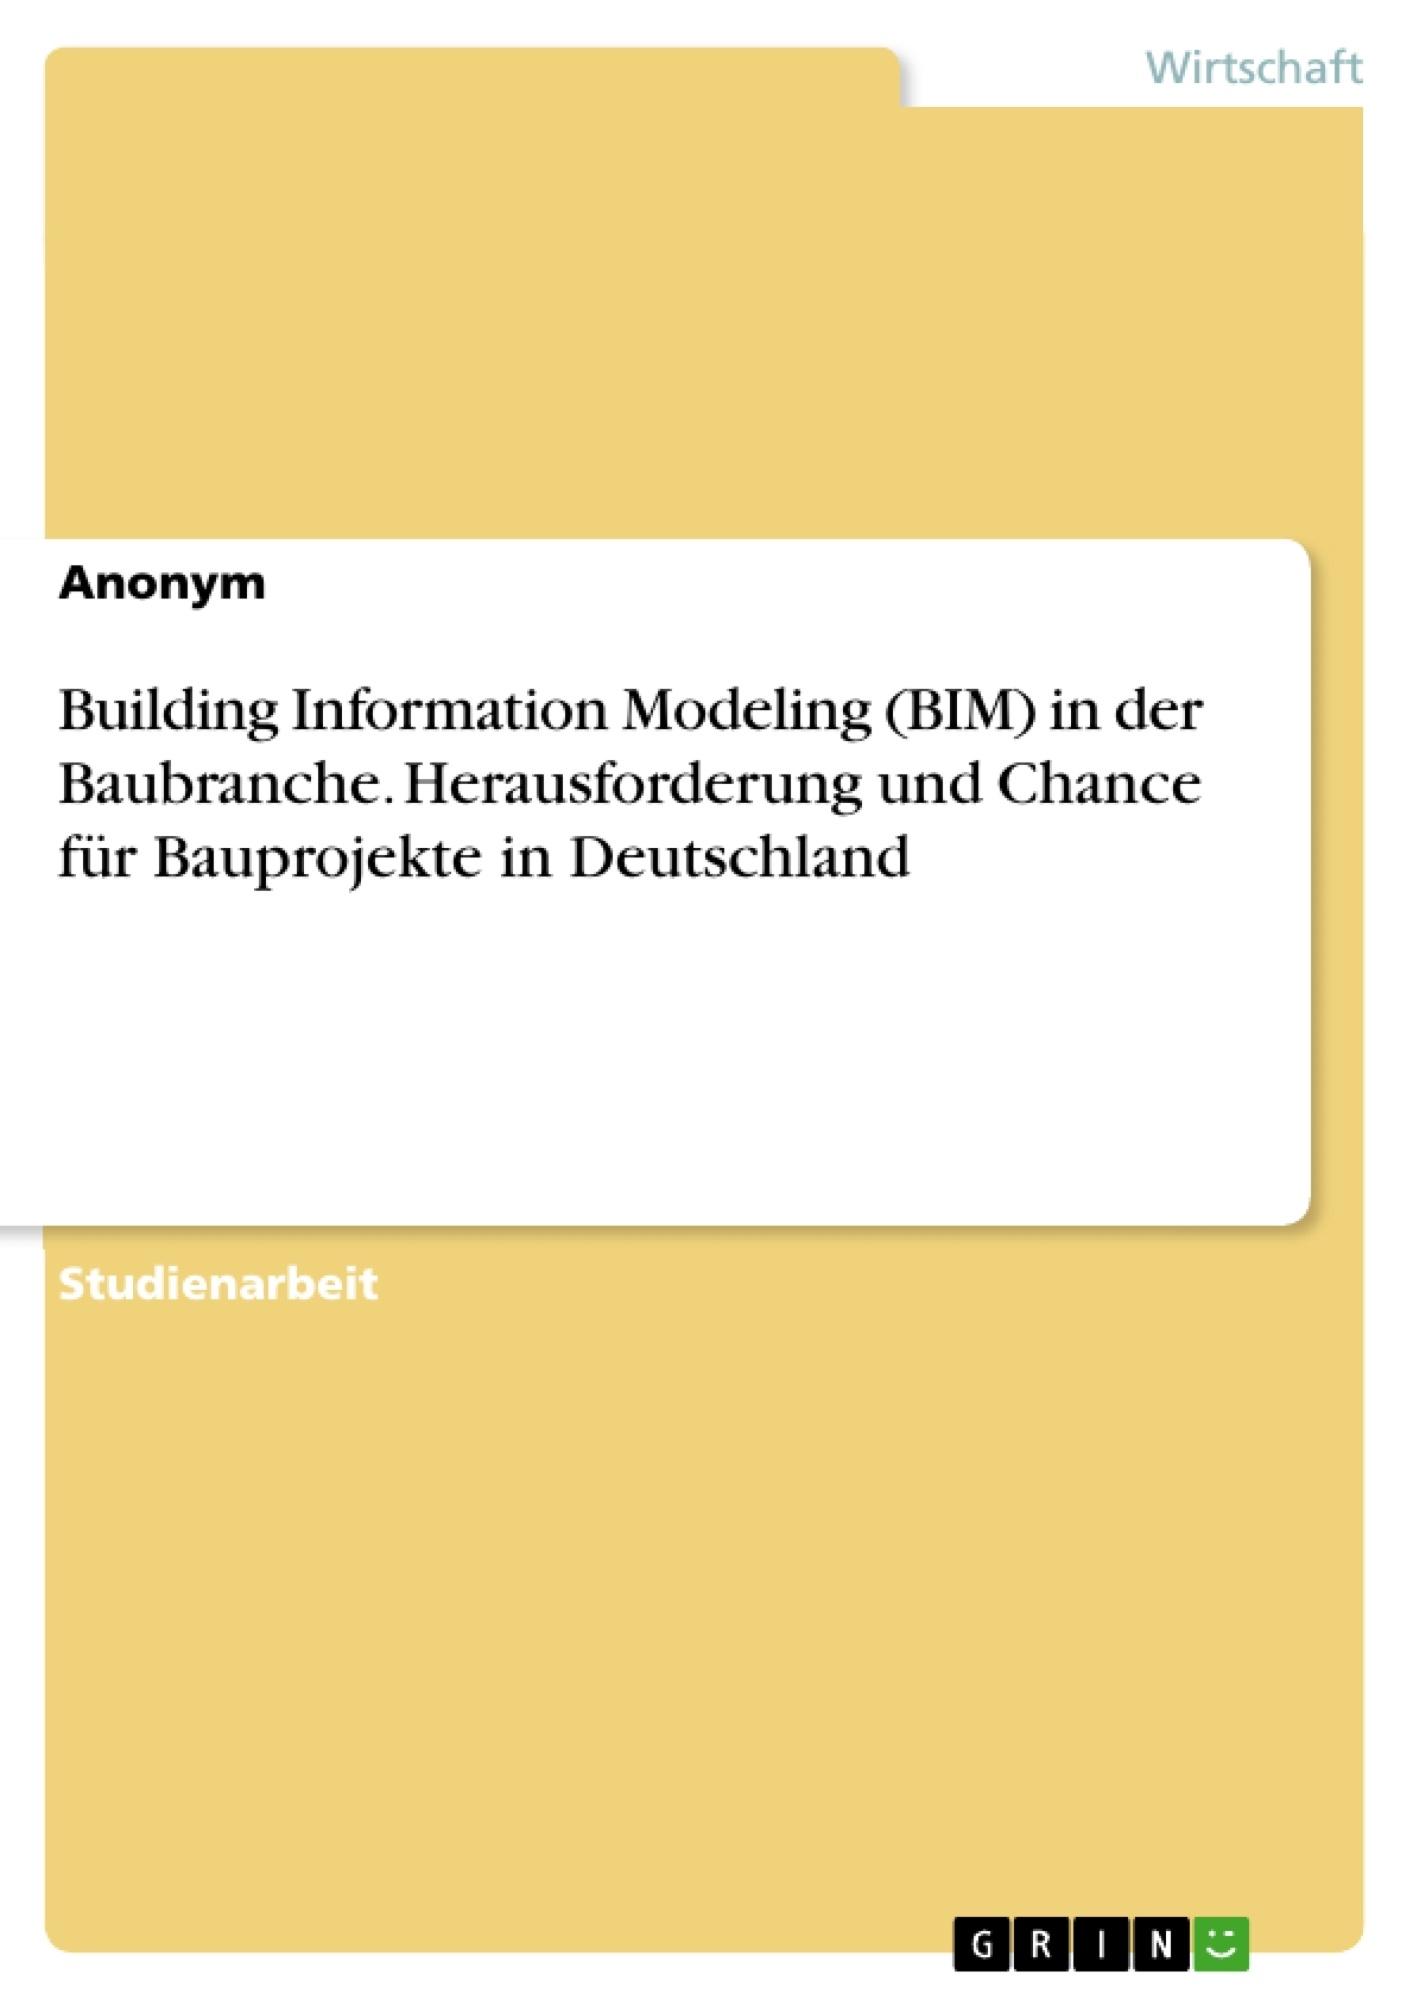 Titel: Building Information Modeling (BIM) in der Baubranche. Herausforderung und Chance für Bauprojekte in Deutschland